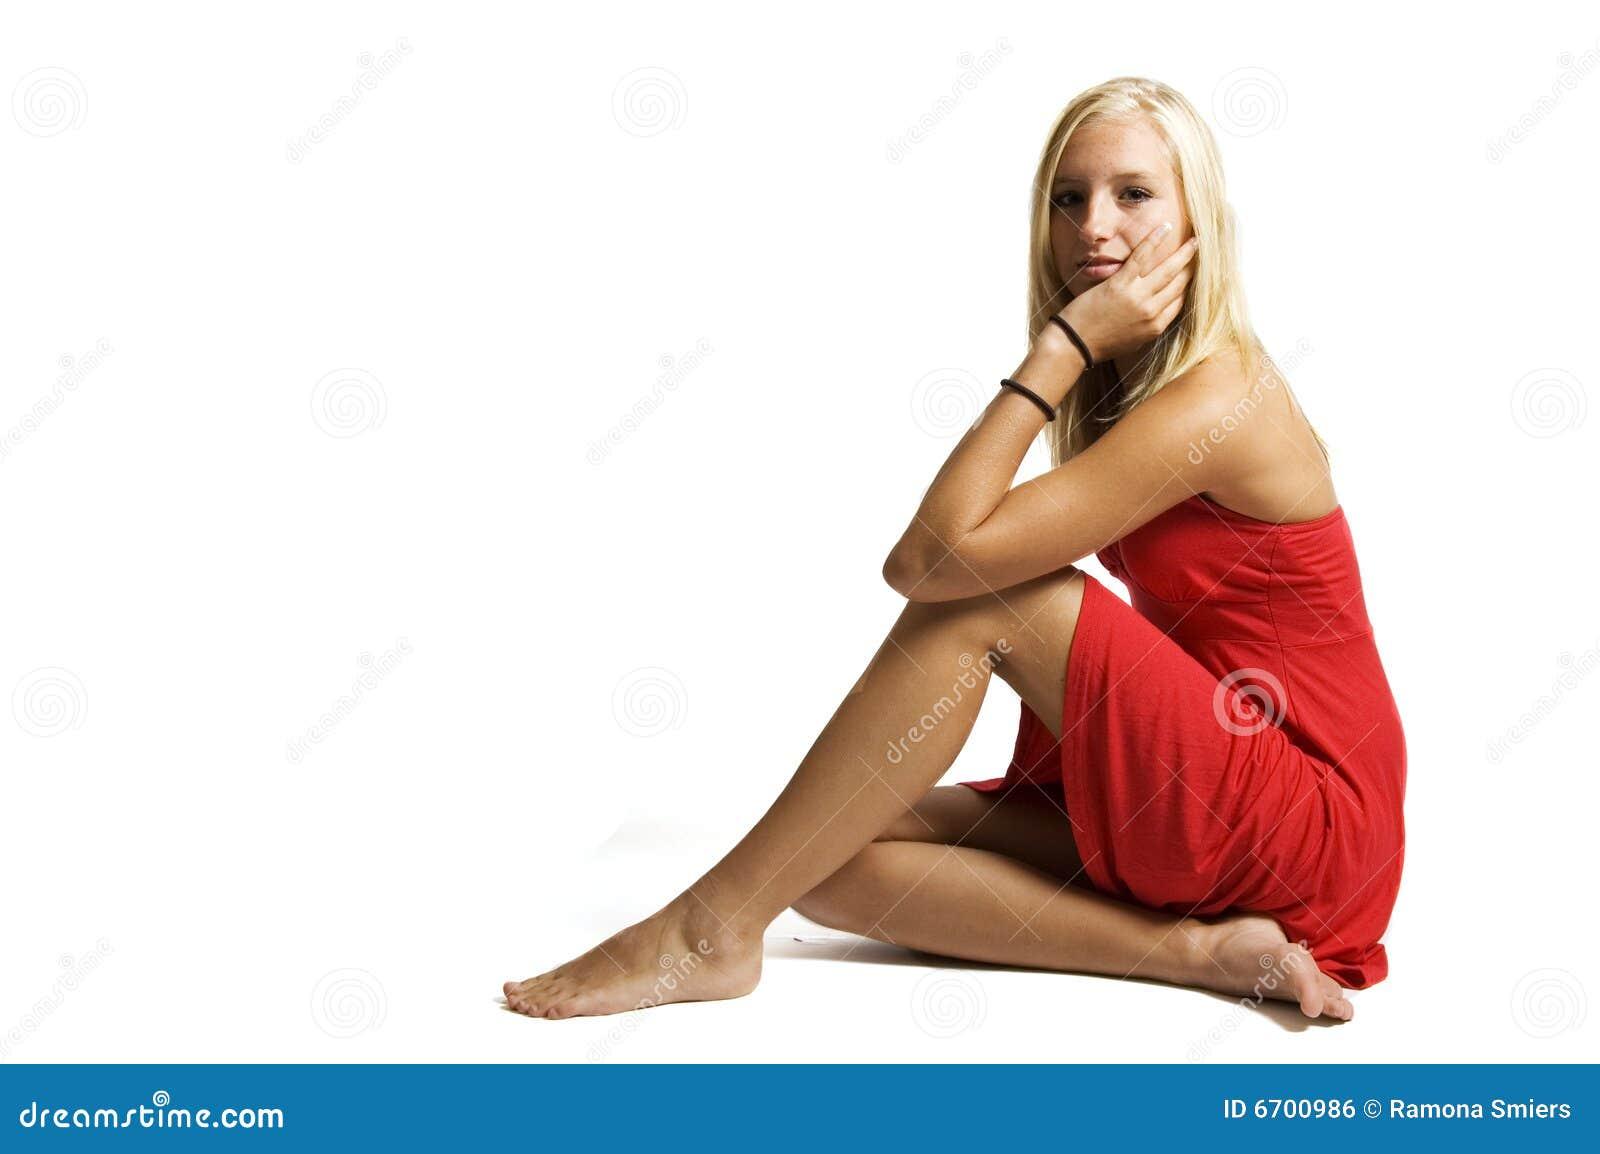 Les adolescents et les porno jambes lesbiennes - beeg-ncom